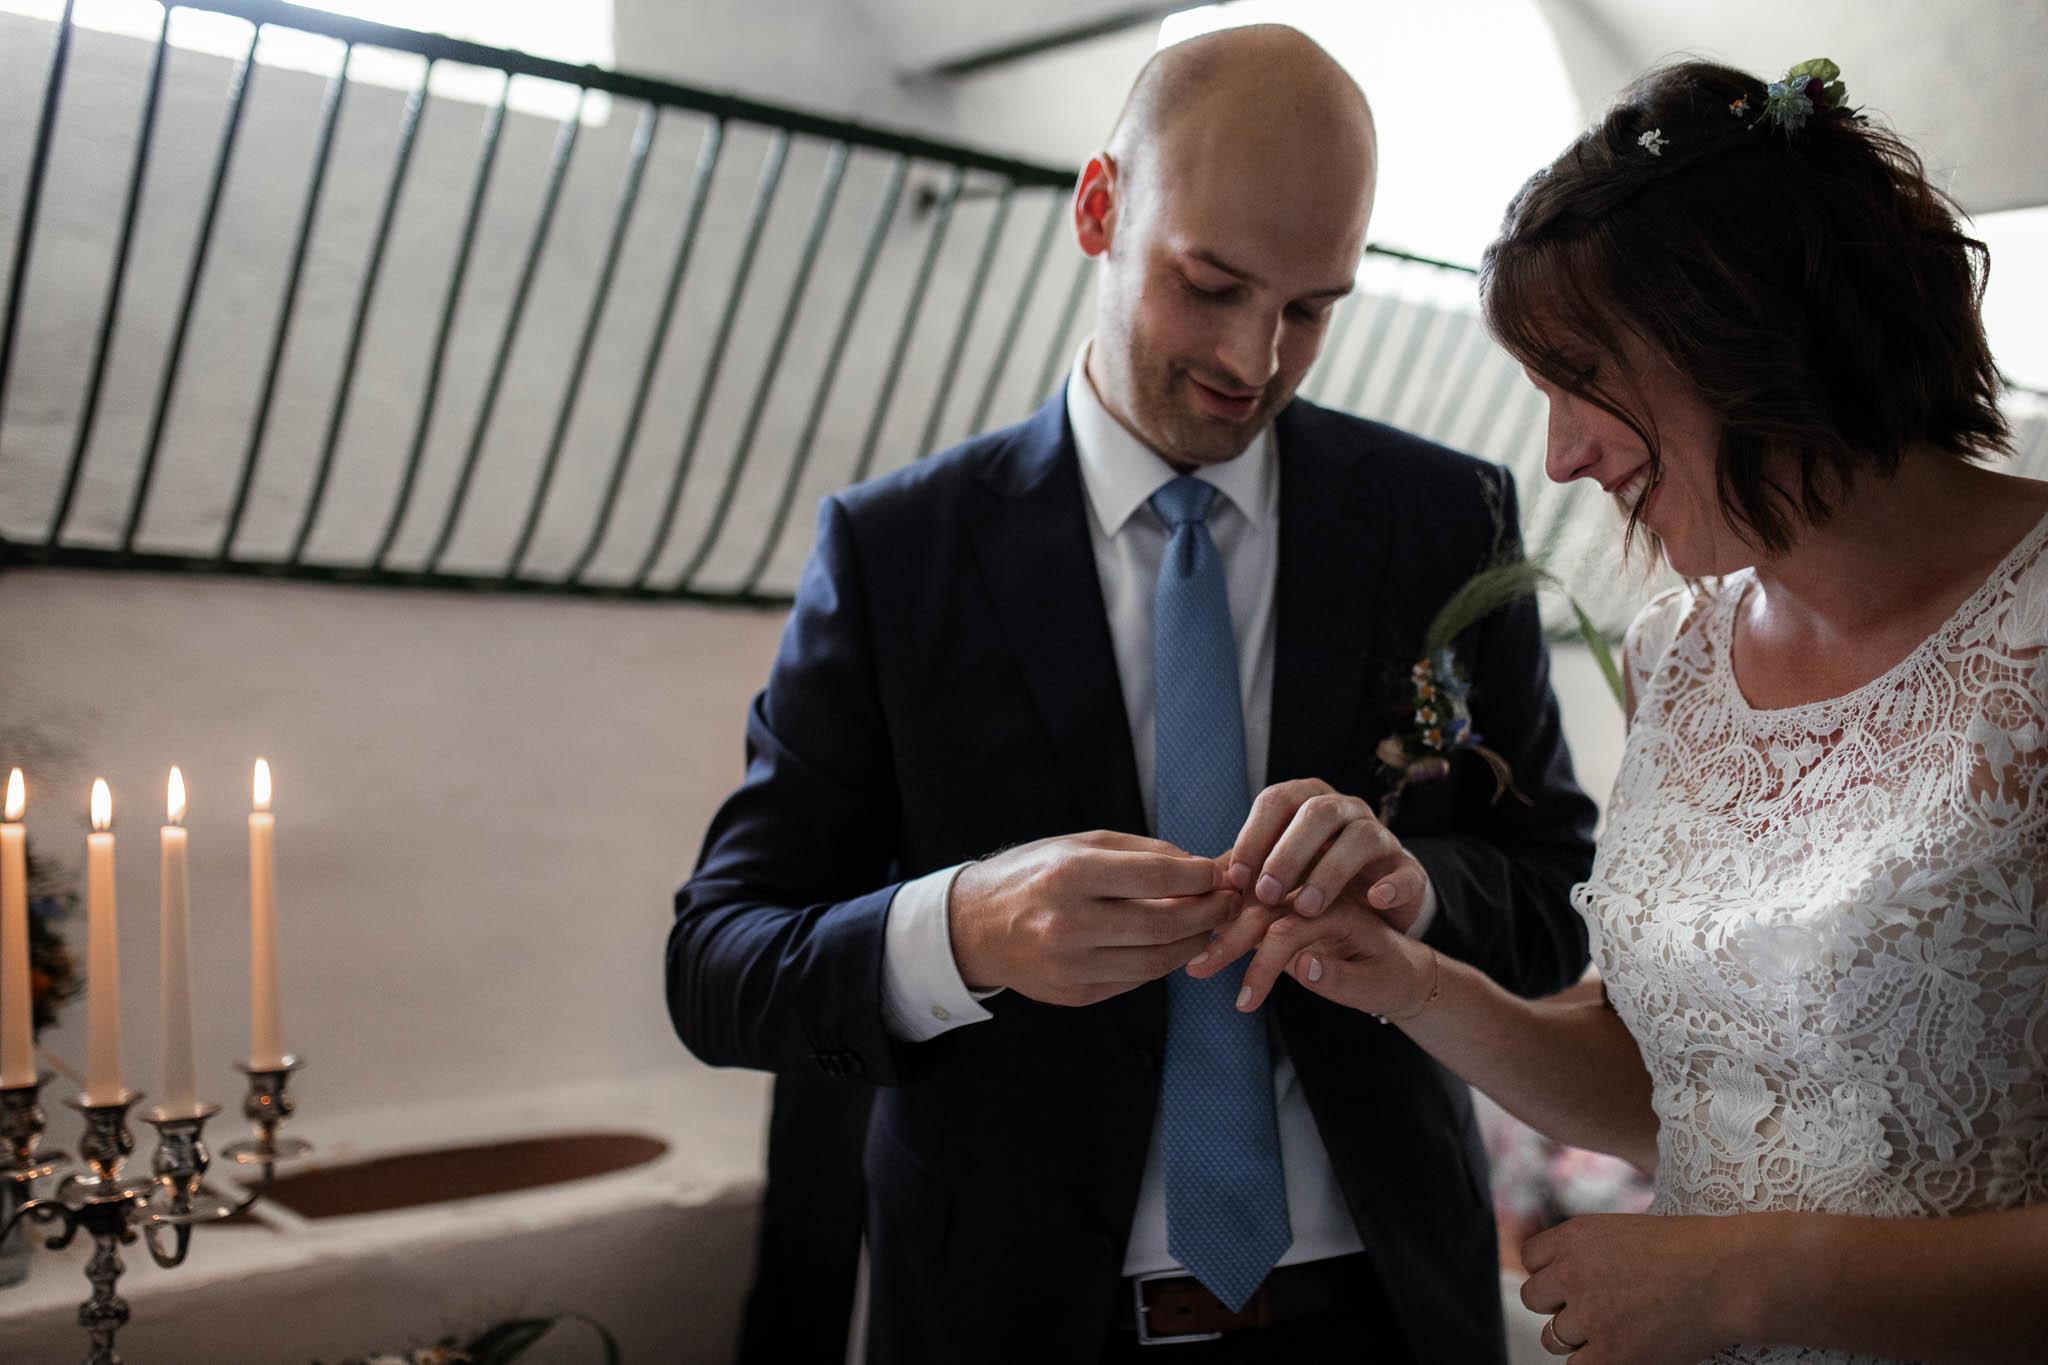 Hochzeitsfotograf Guntersblum, Domhof - Hochzeit von Ina & Johannes 24